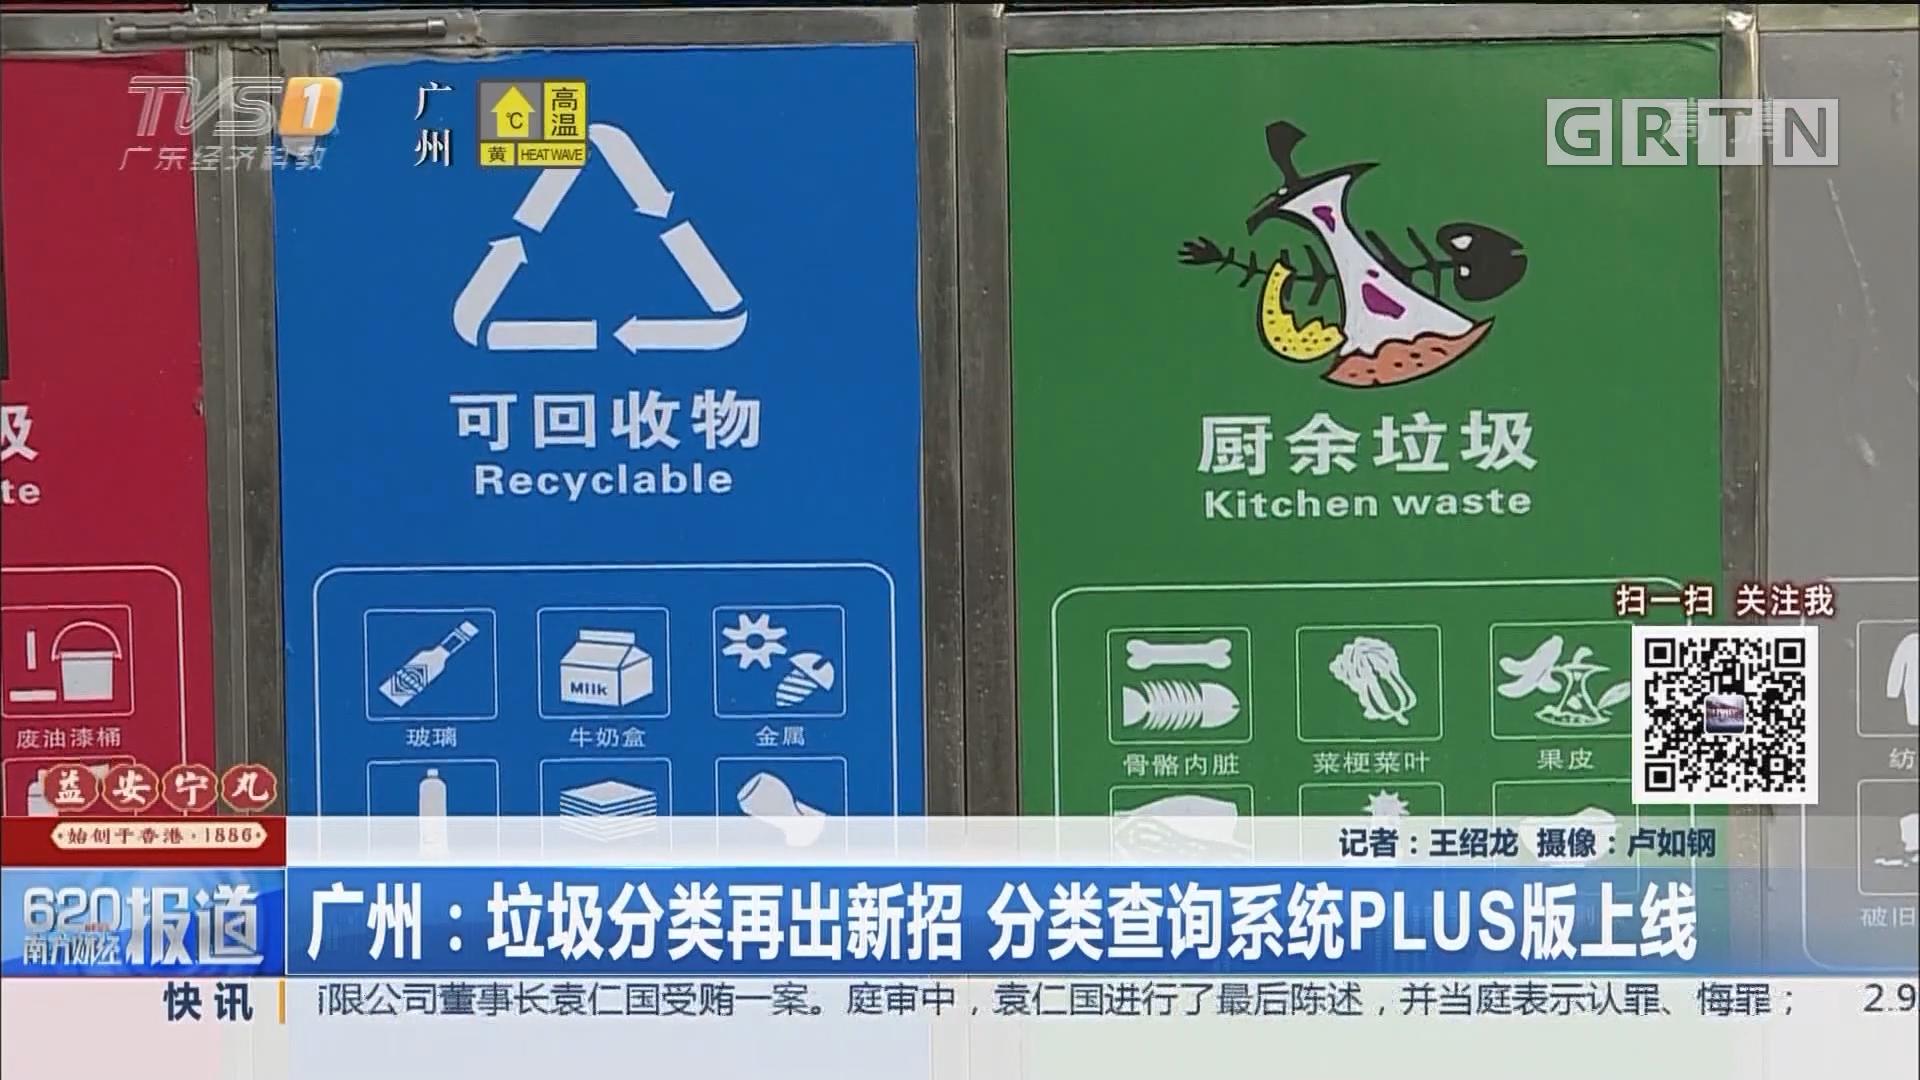 广州:垃圾分类再出新招 分类查询系统PLUS版上线